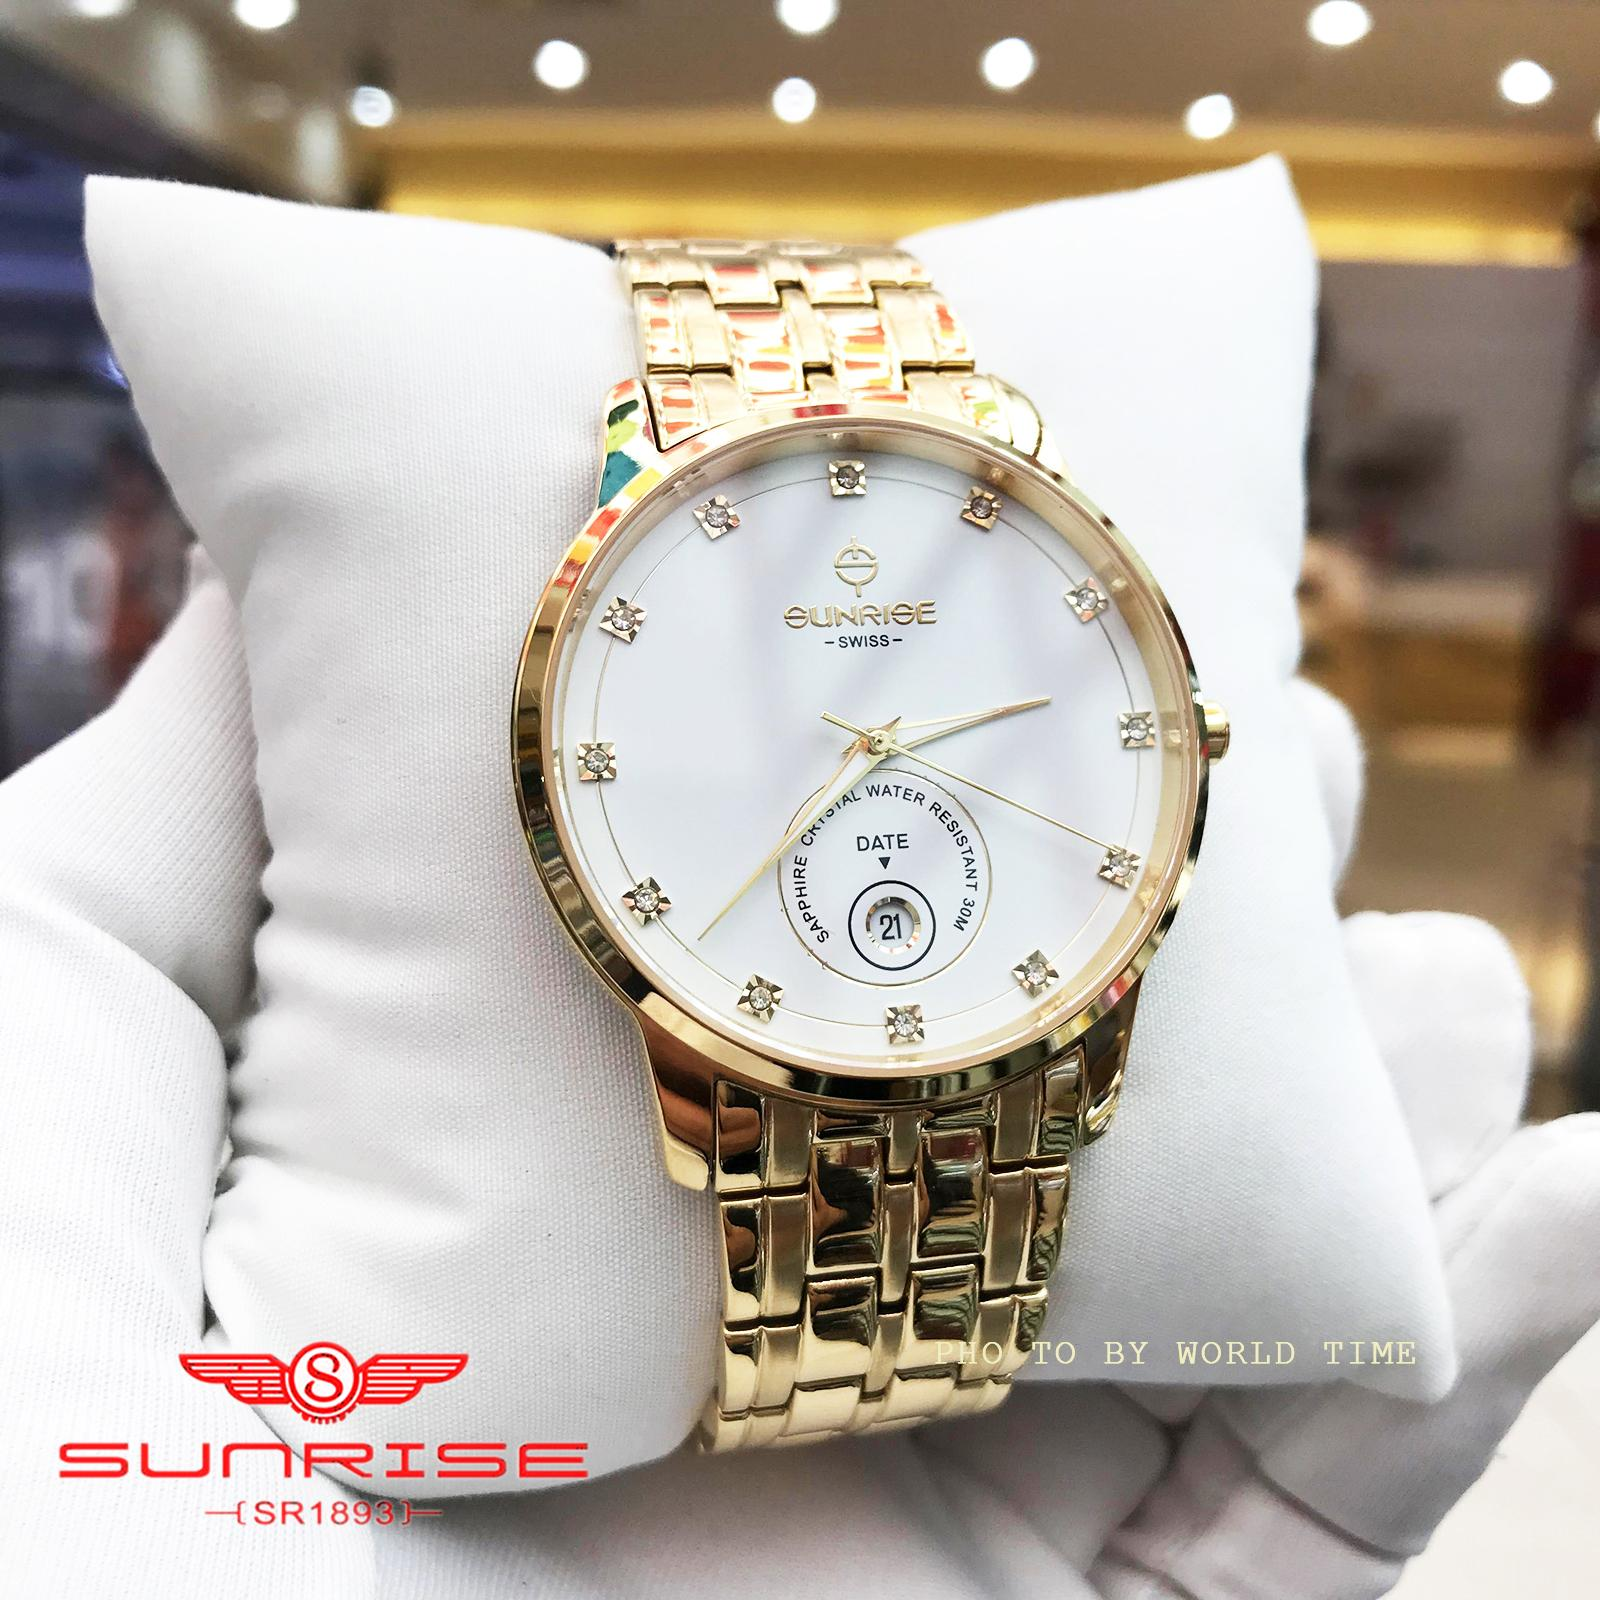 Nơi bán [CHỈ HÔM NAY] Đồng Hồ Nam Sunrise 1138SA - Hộp hãng + Thẻ BH hãng - Kính Sapphire [chống xước , chống nước] - Màu tuỳ chọn